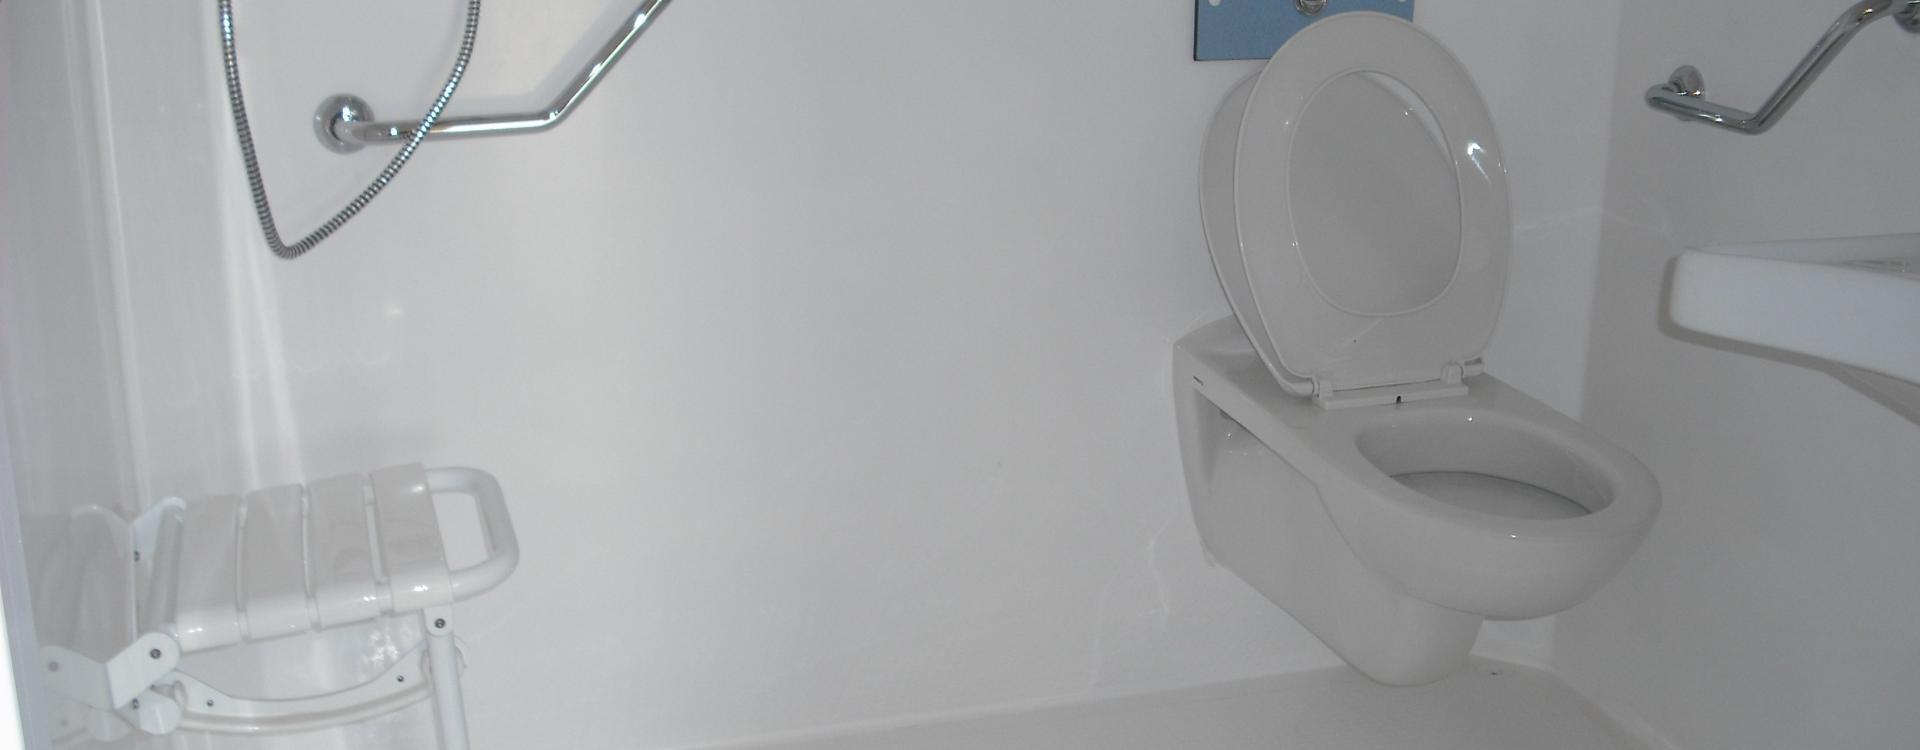 Salle de bain Mobil Home adaptée au Camping Valldaro